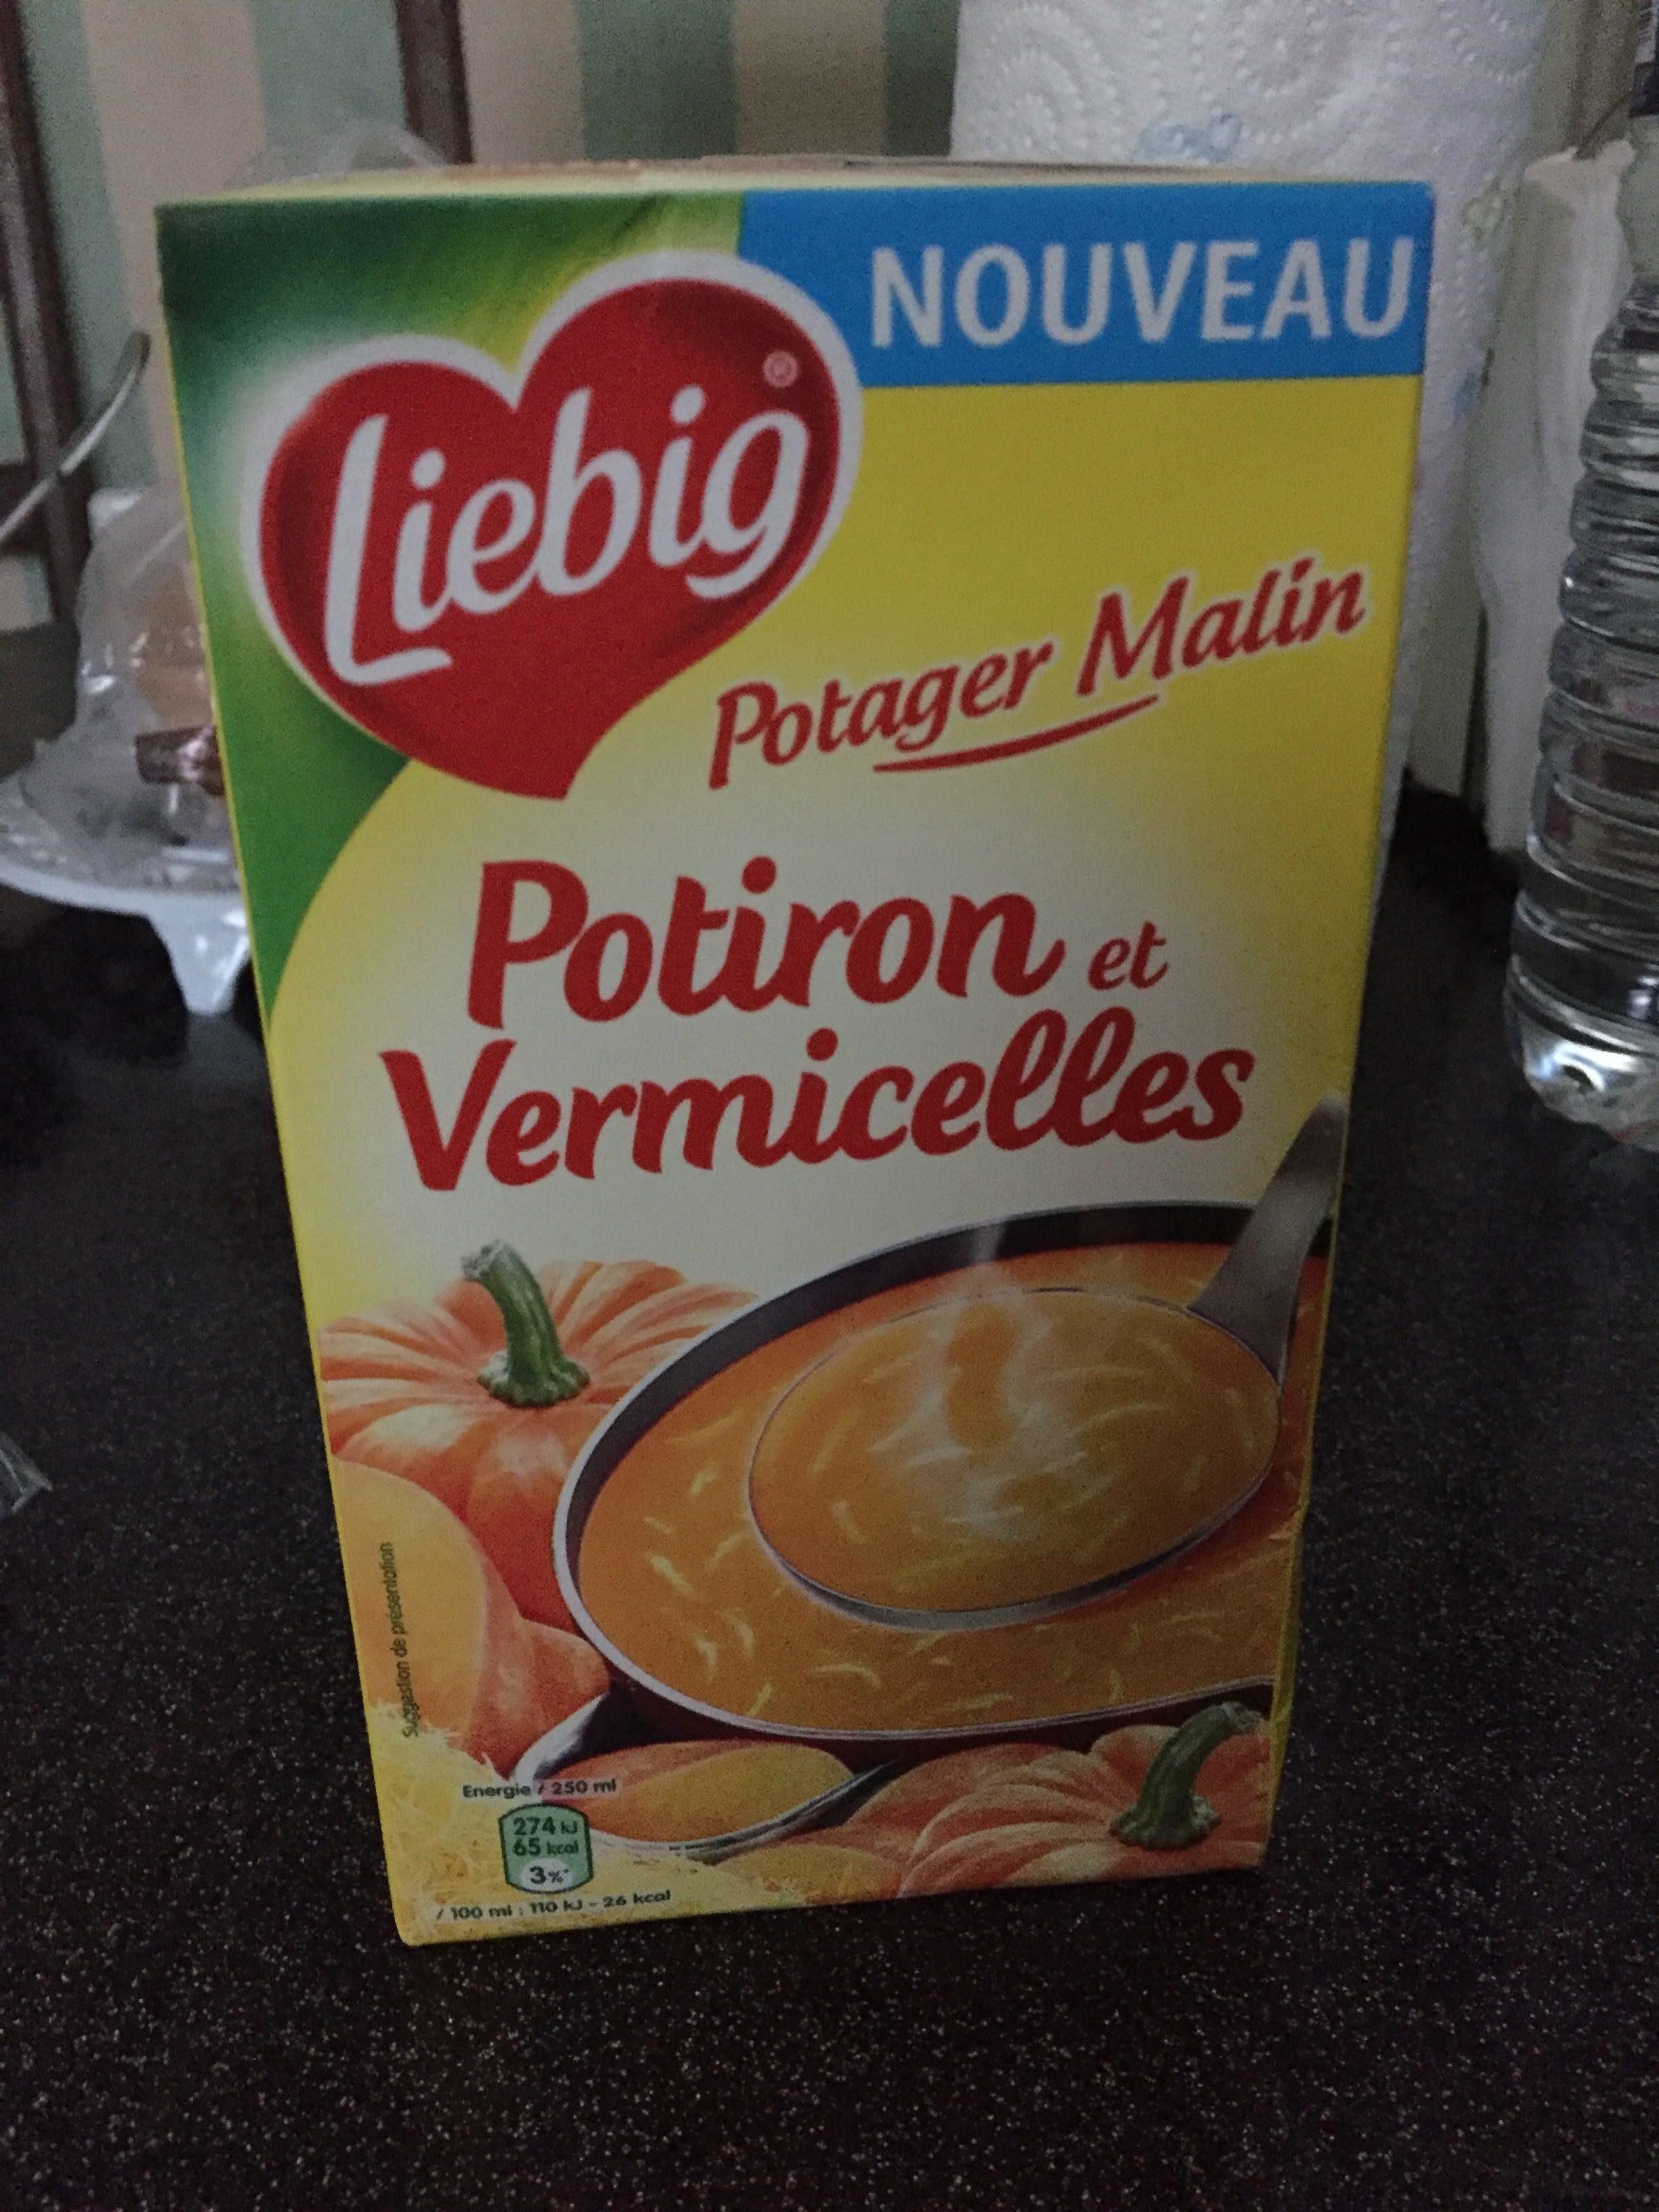 Potiron et vermicelles - Product - fr